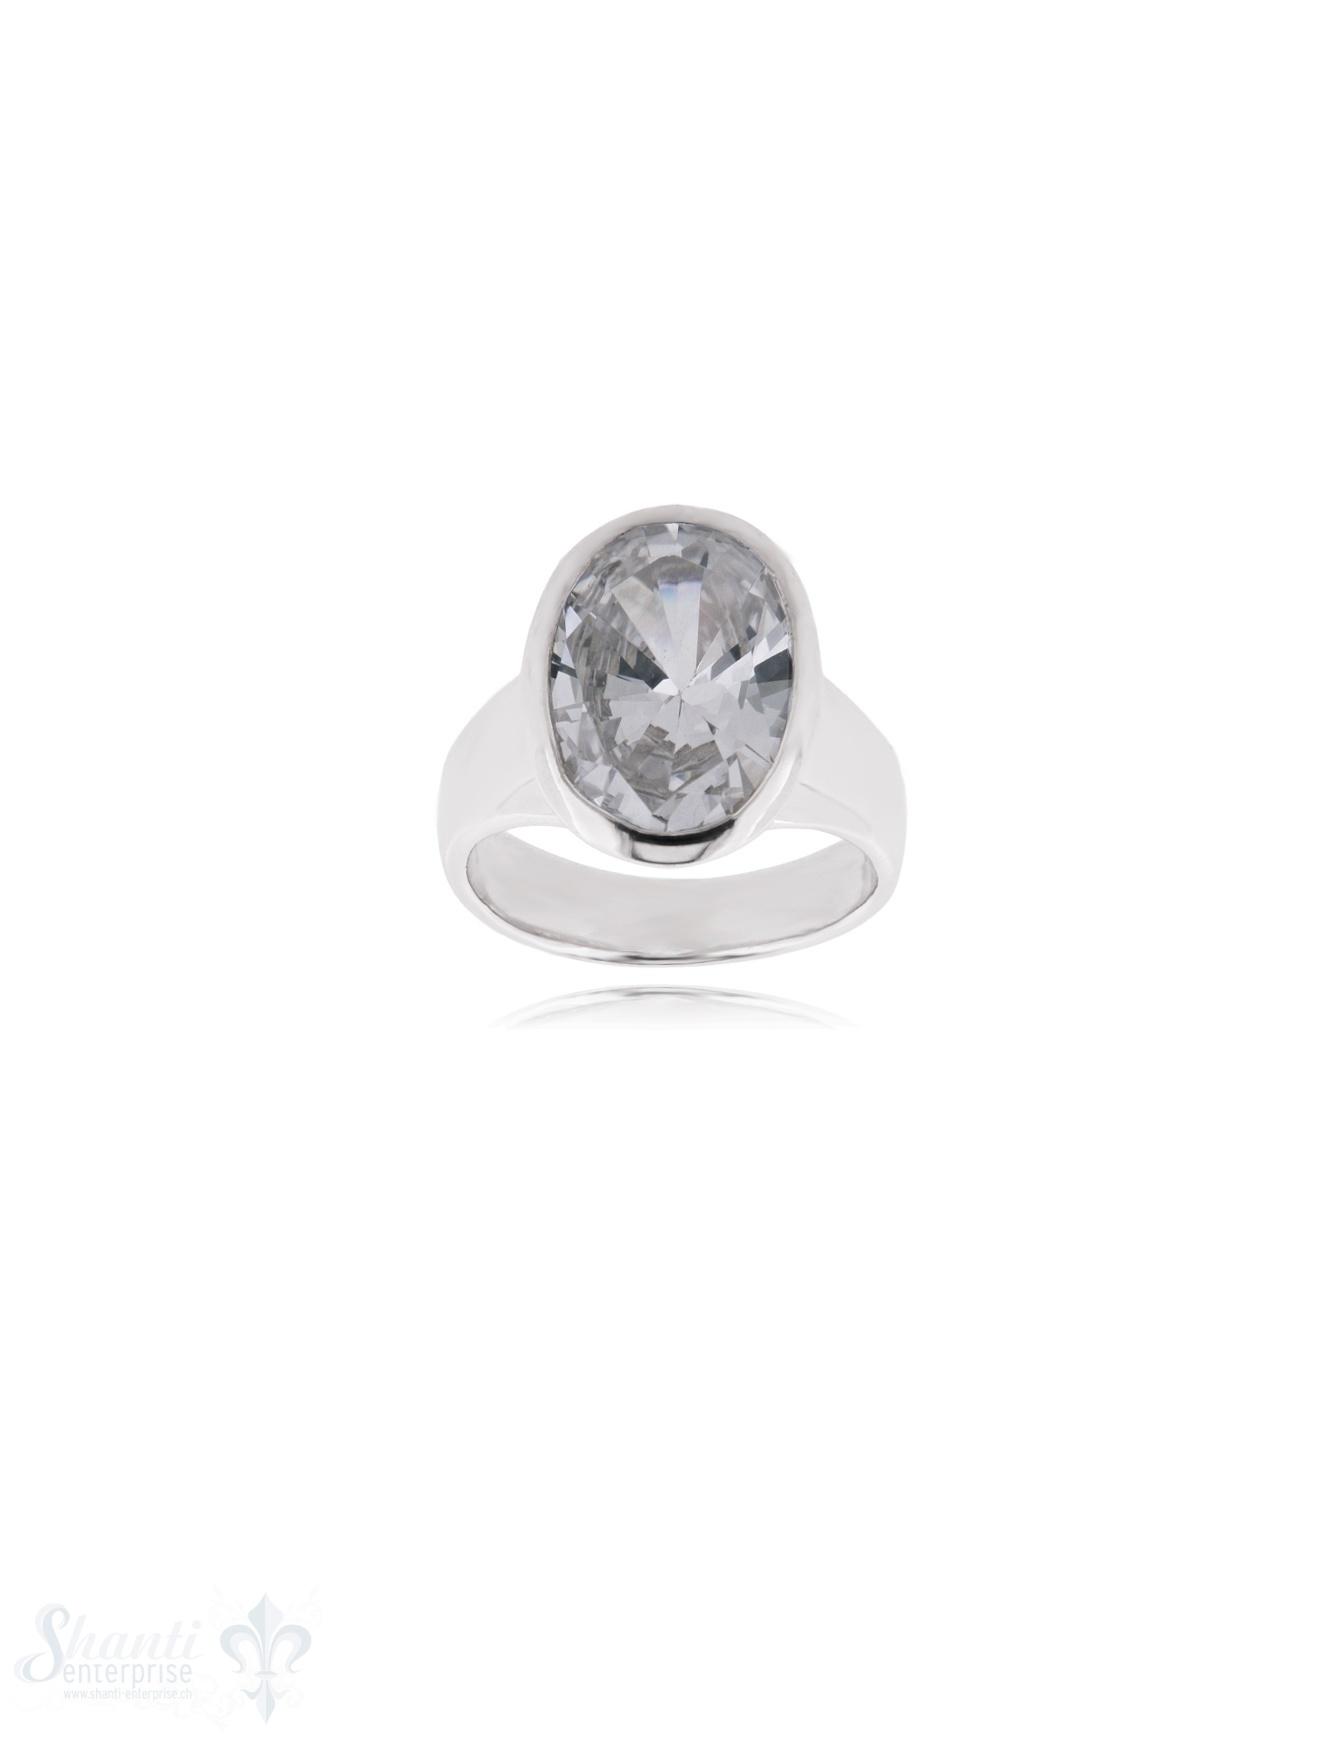 Zirkonia weiss Silberring 13x17 mm facettiert konische Form,Schiene verjüngend bis 4,7 mm Silber 925 poliert